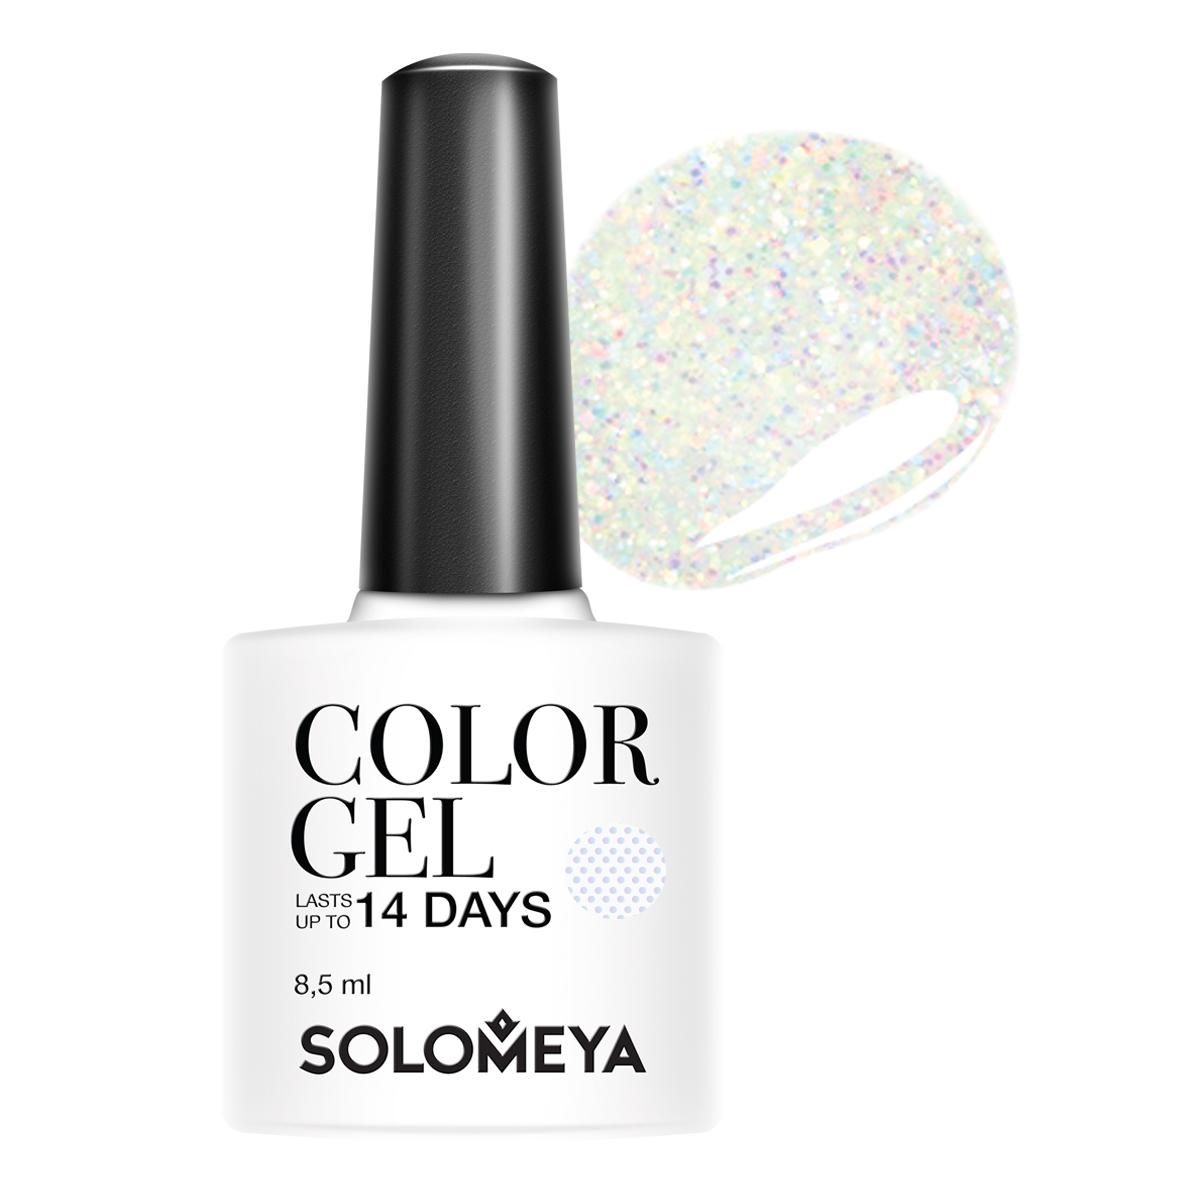 SOLOMEYA Гель-лак для ногтей SCGK108 Сверкай / Color Gel Shine 8,5мл гель лак для ногтей solomeya color gel beret scg034 берет 8 5 мл